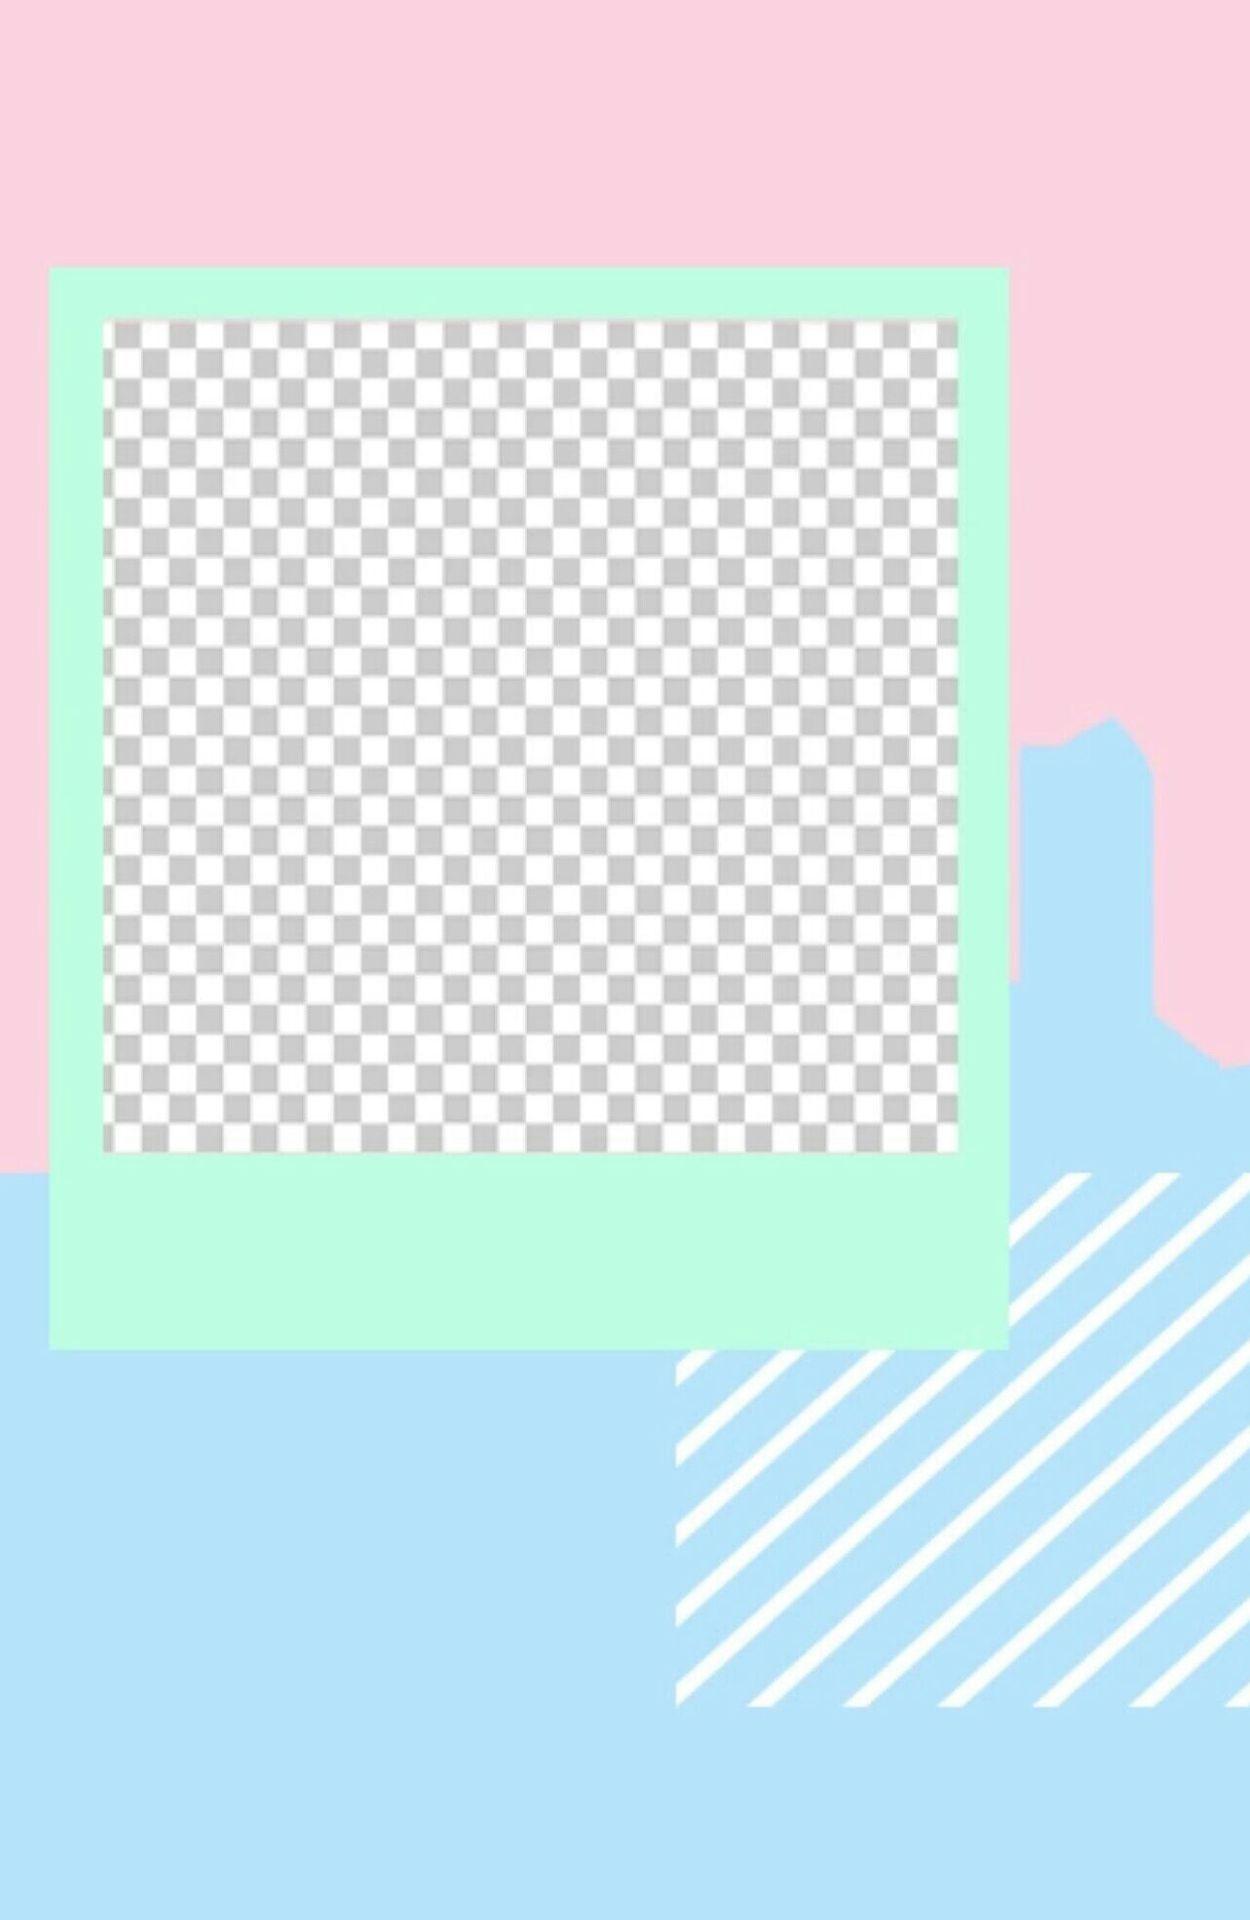 Picsart Book Cover Tutorial : Ethereal tutorials picsart and phonto wattpad